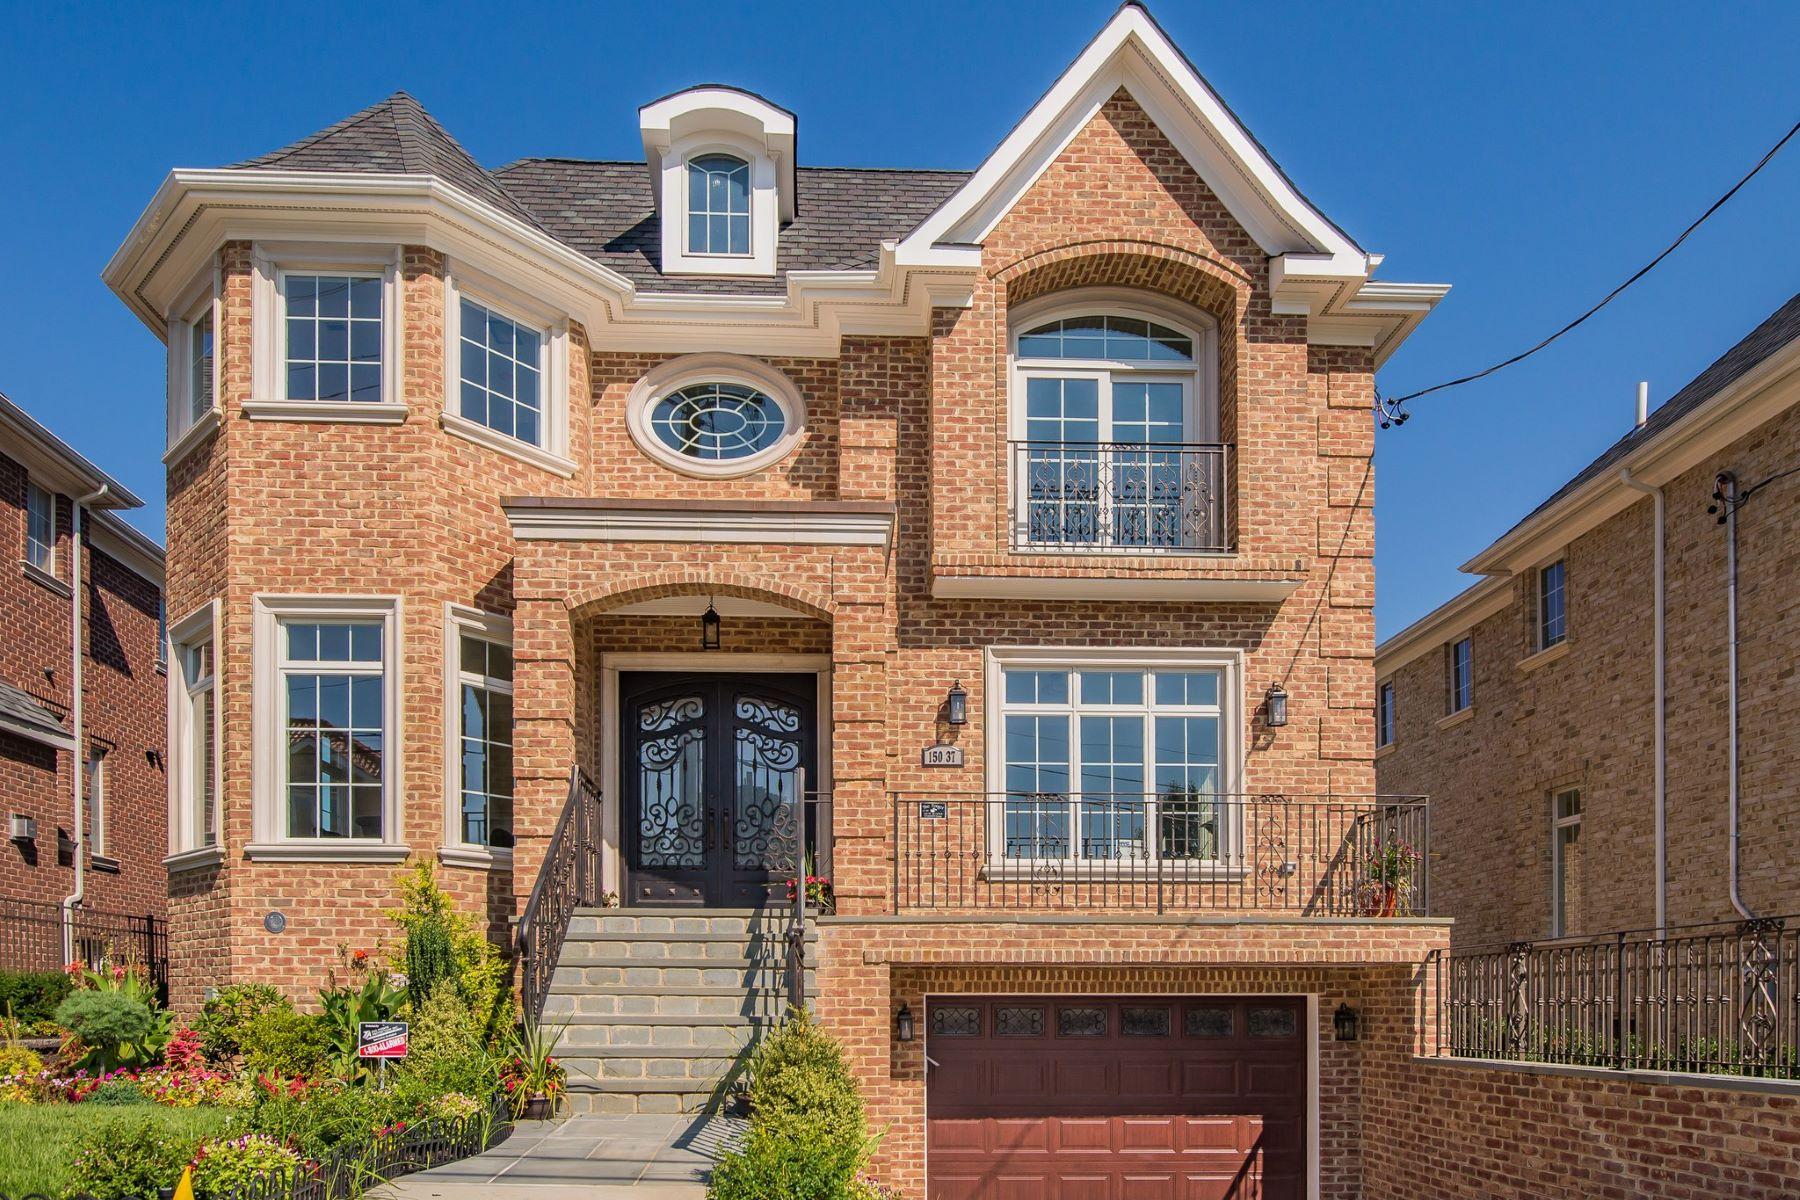 独户住宅 为 销售 在 3-55 150 St , Whitestone, NY 11357 3-55 150 St, 白粒岩, 纽约州, 11357 美国